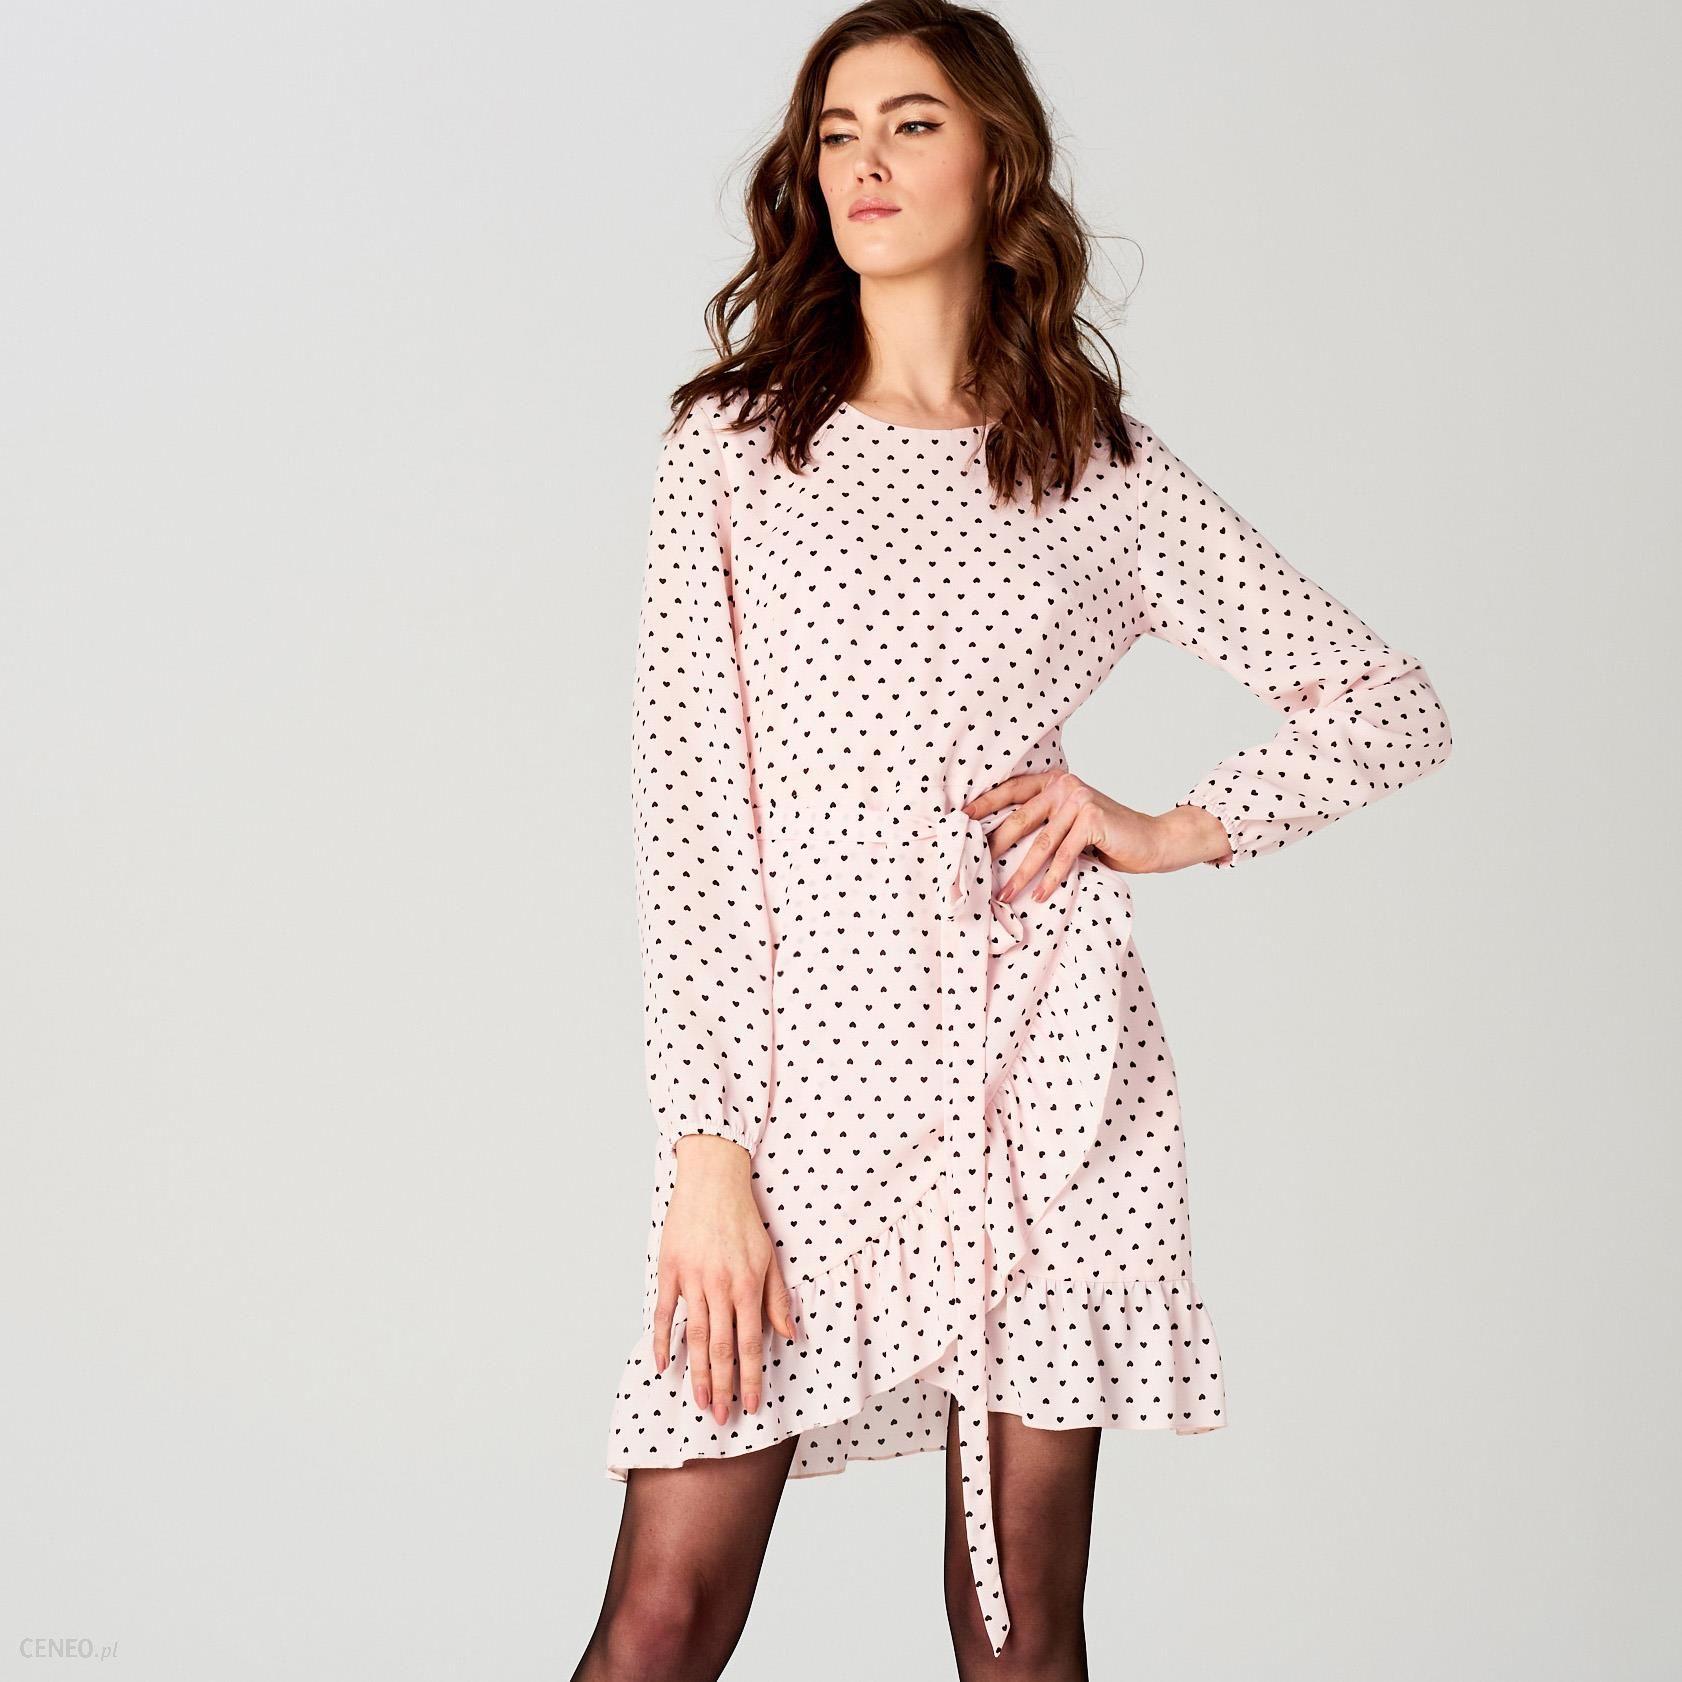 bd4ae39641 Mohito - Sukienka w kropki little princess - Różowy - Ceny i opinie ...